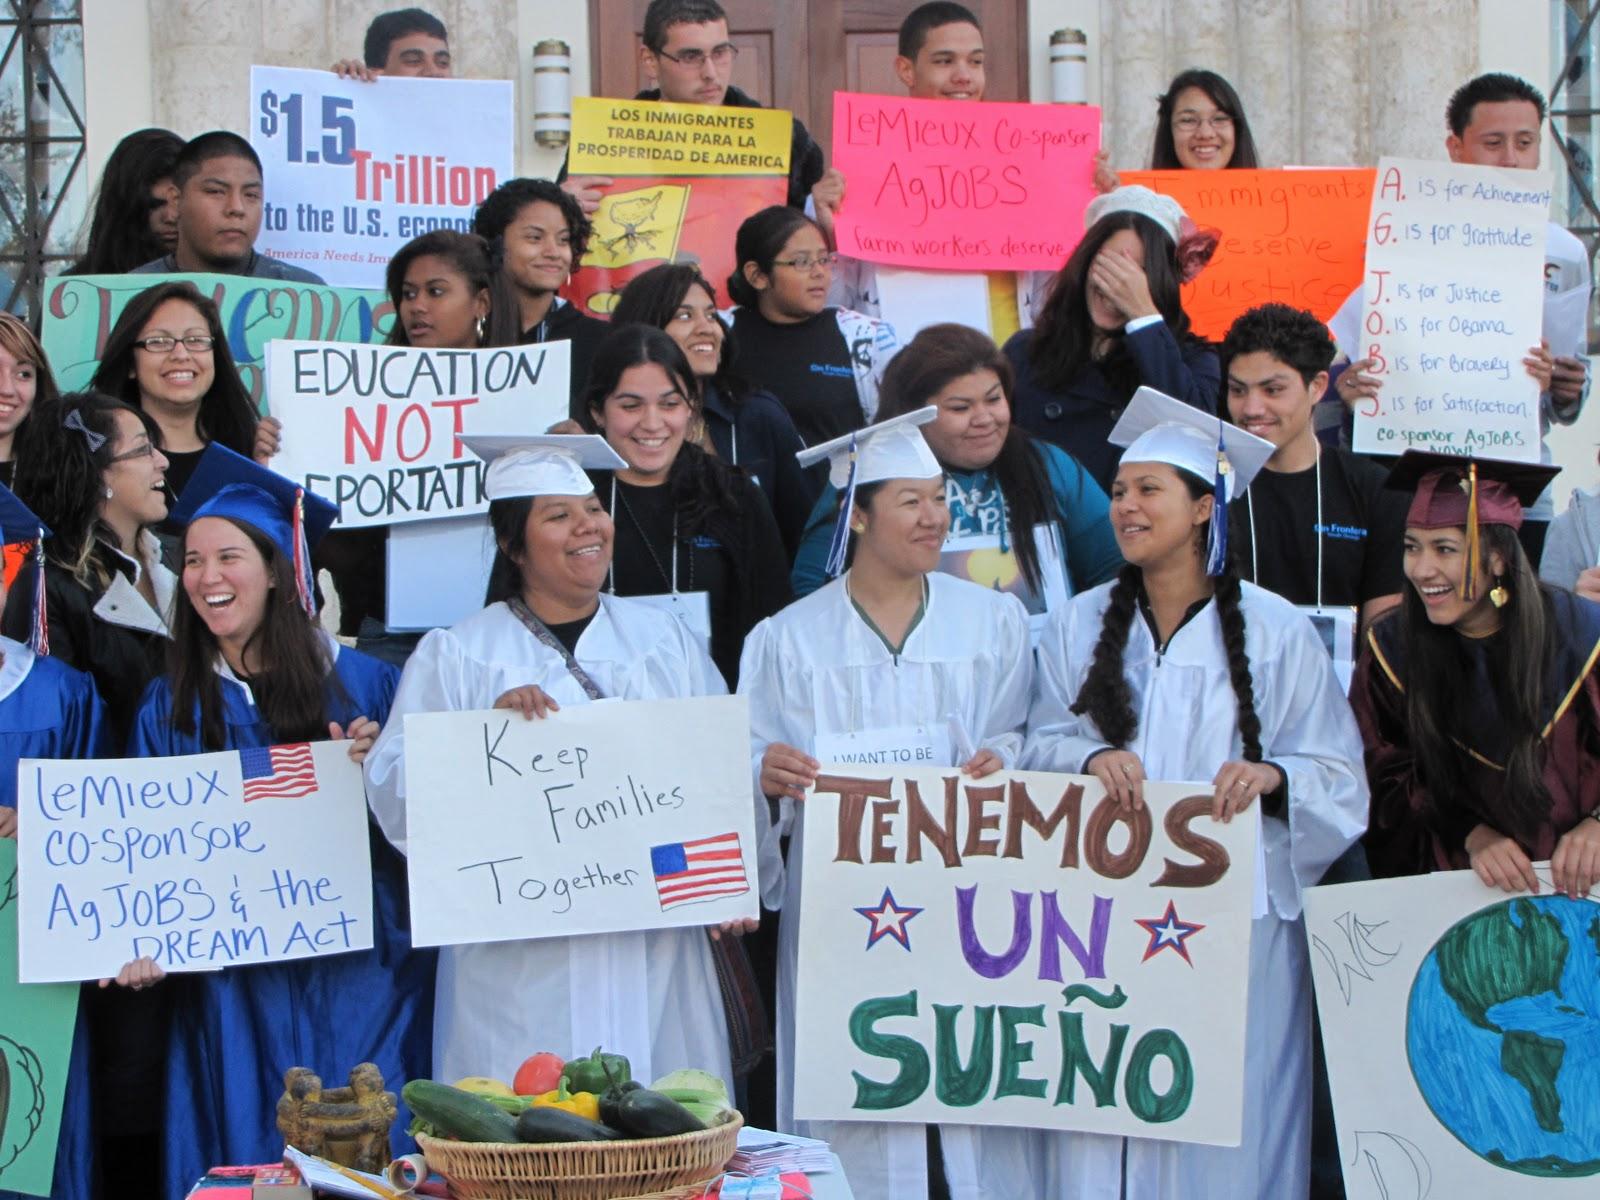 Jóvenes Dreamers realizan una protesta tras la eliminación de DACA por parte de Donald Trump. Foto: Tomada de internet.